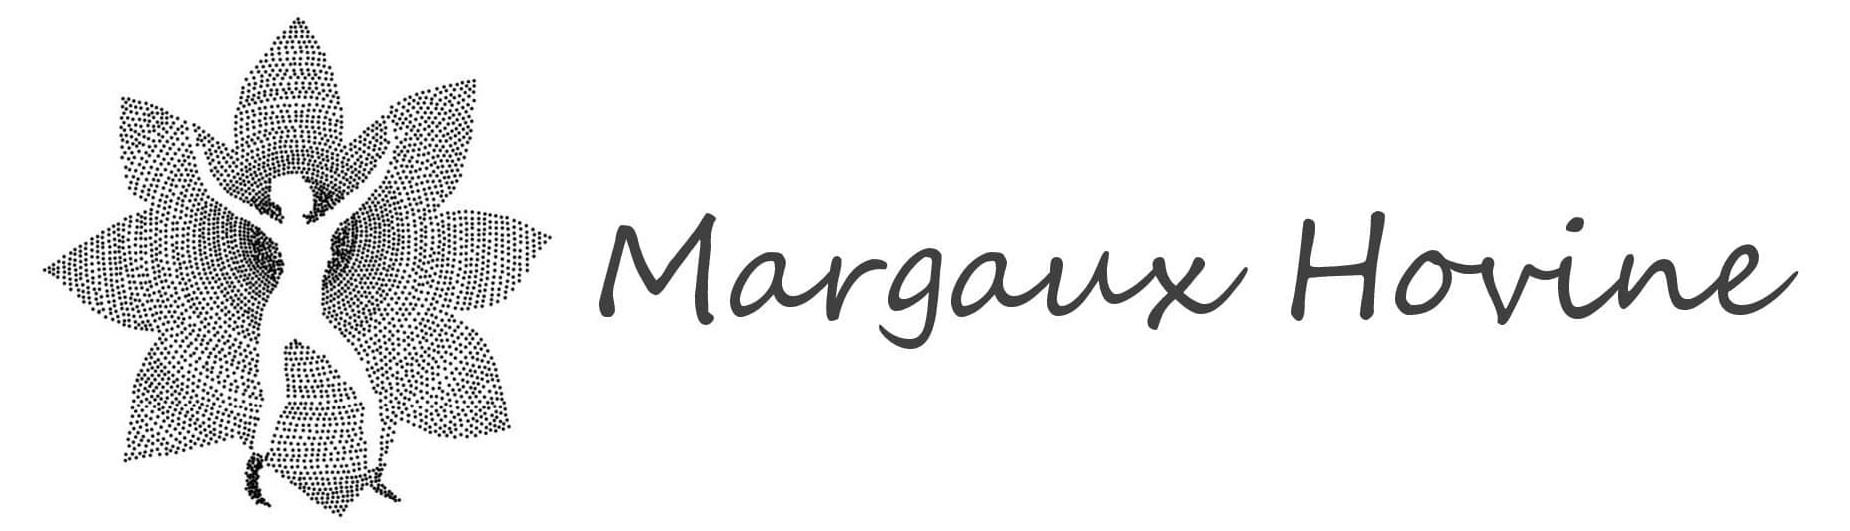 Margaux Hovine